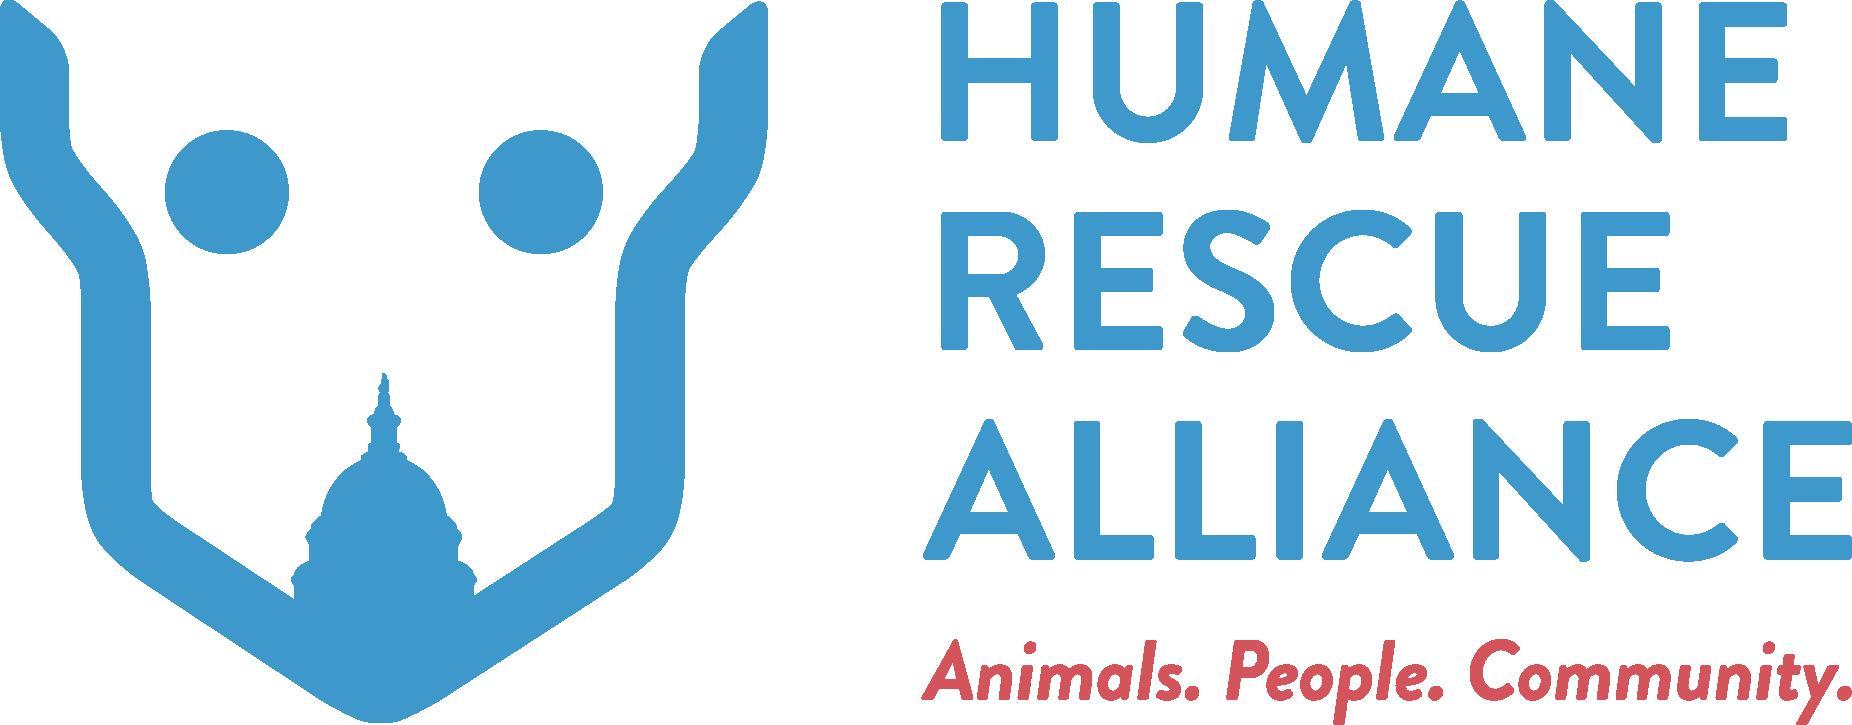 Washington DC Humane Rescue Alliance Photographer / Photography